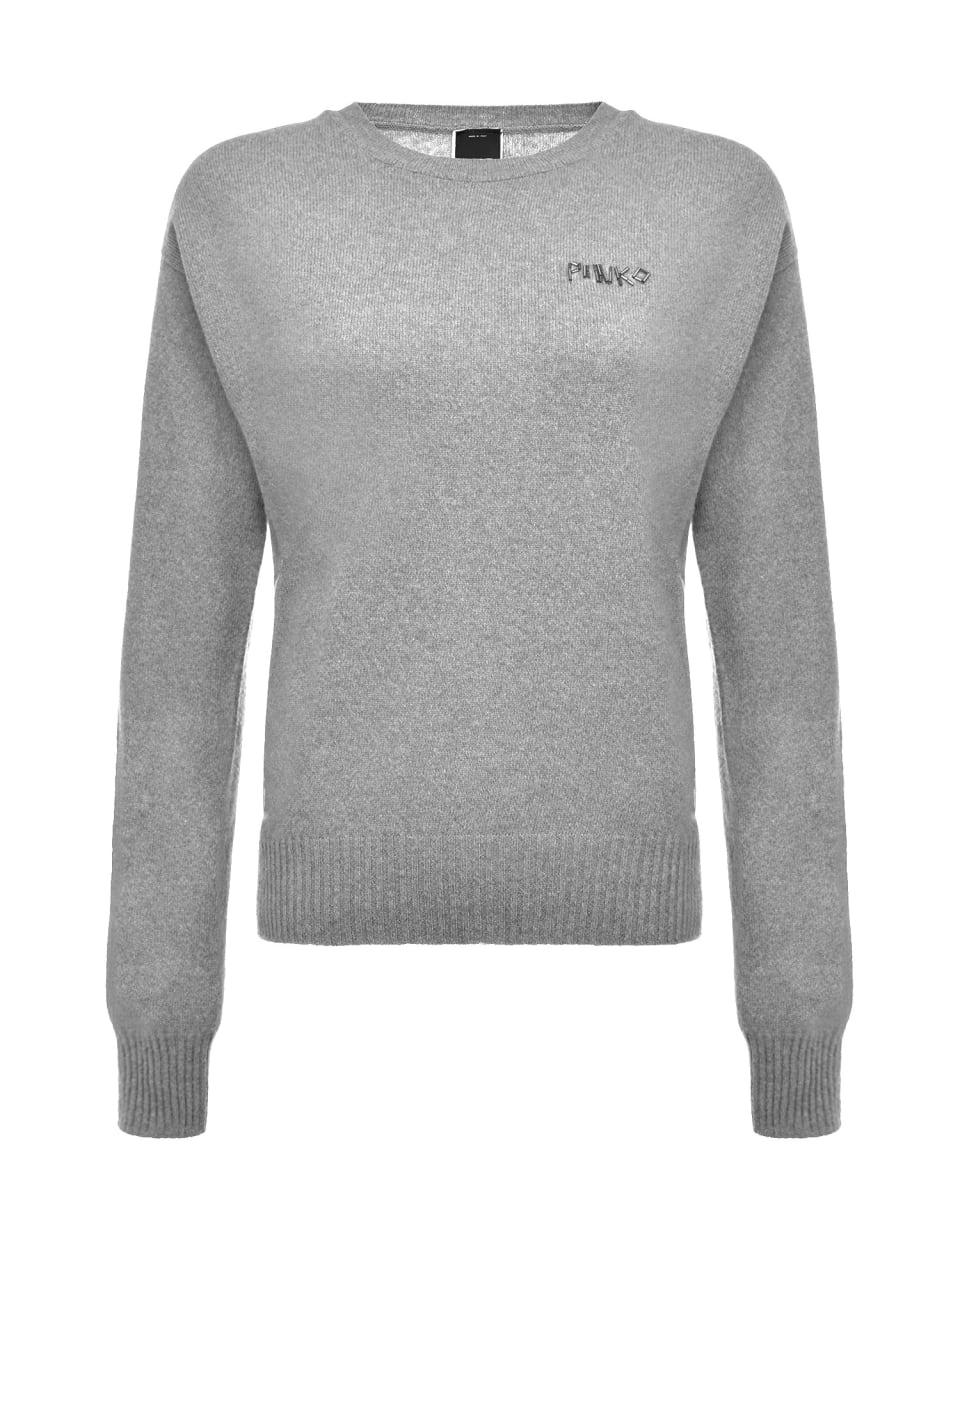 配有刺绣和可拆卸衣领的羊毛套头衫 - Pinko